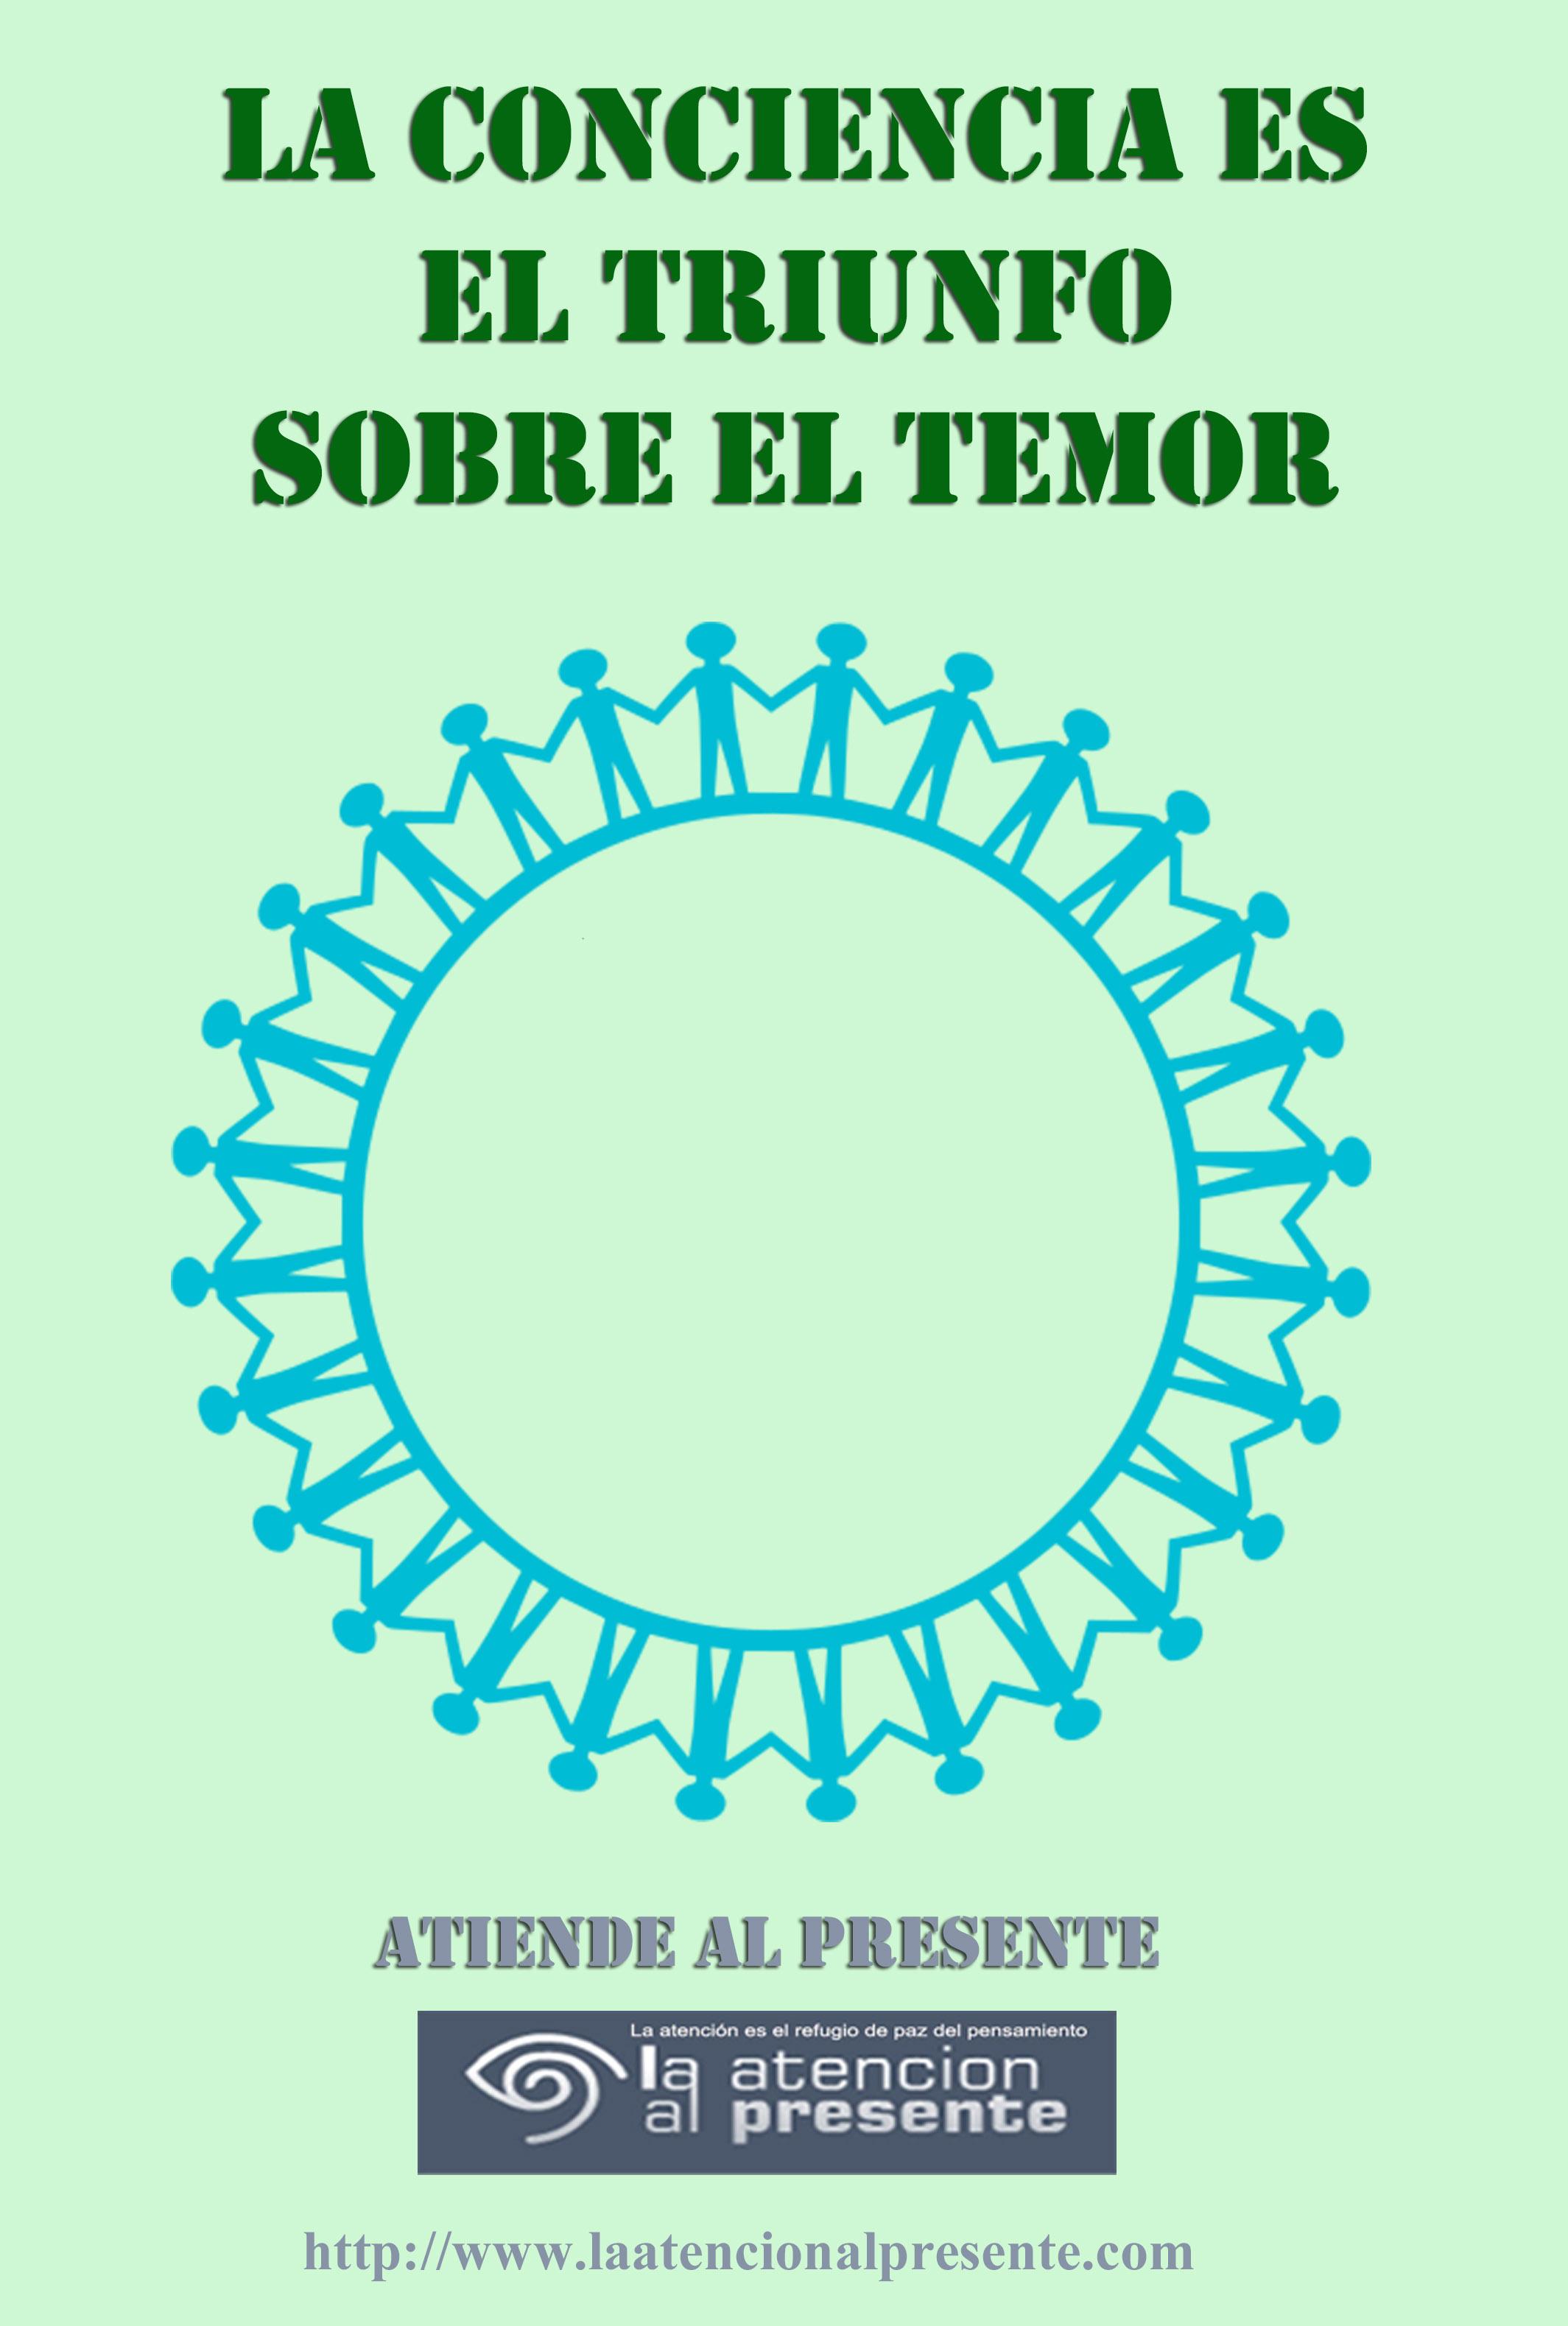 24 de octubre Esteban La CONCIENCIA es el triunfo sobre el TEMOR